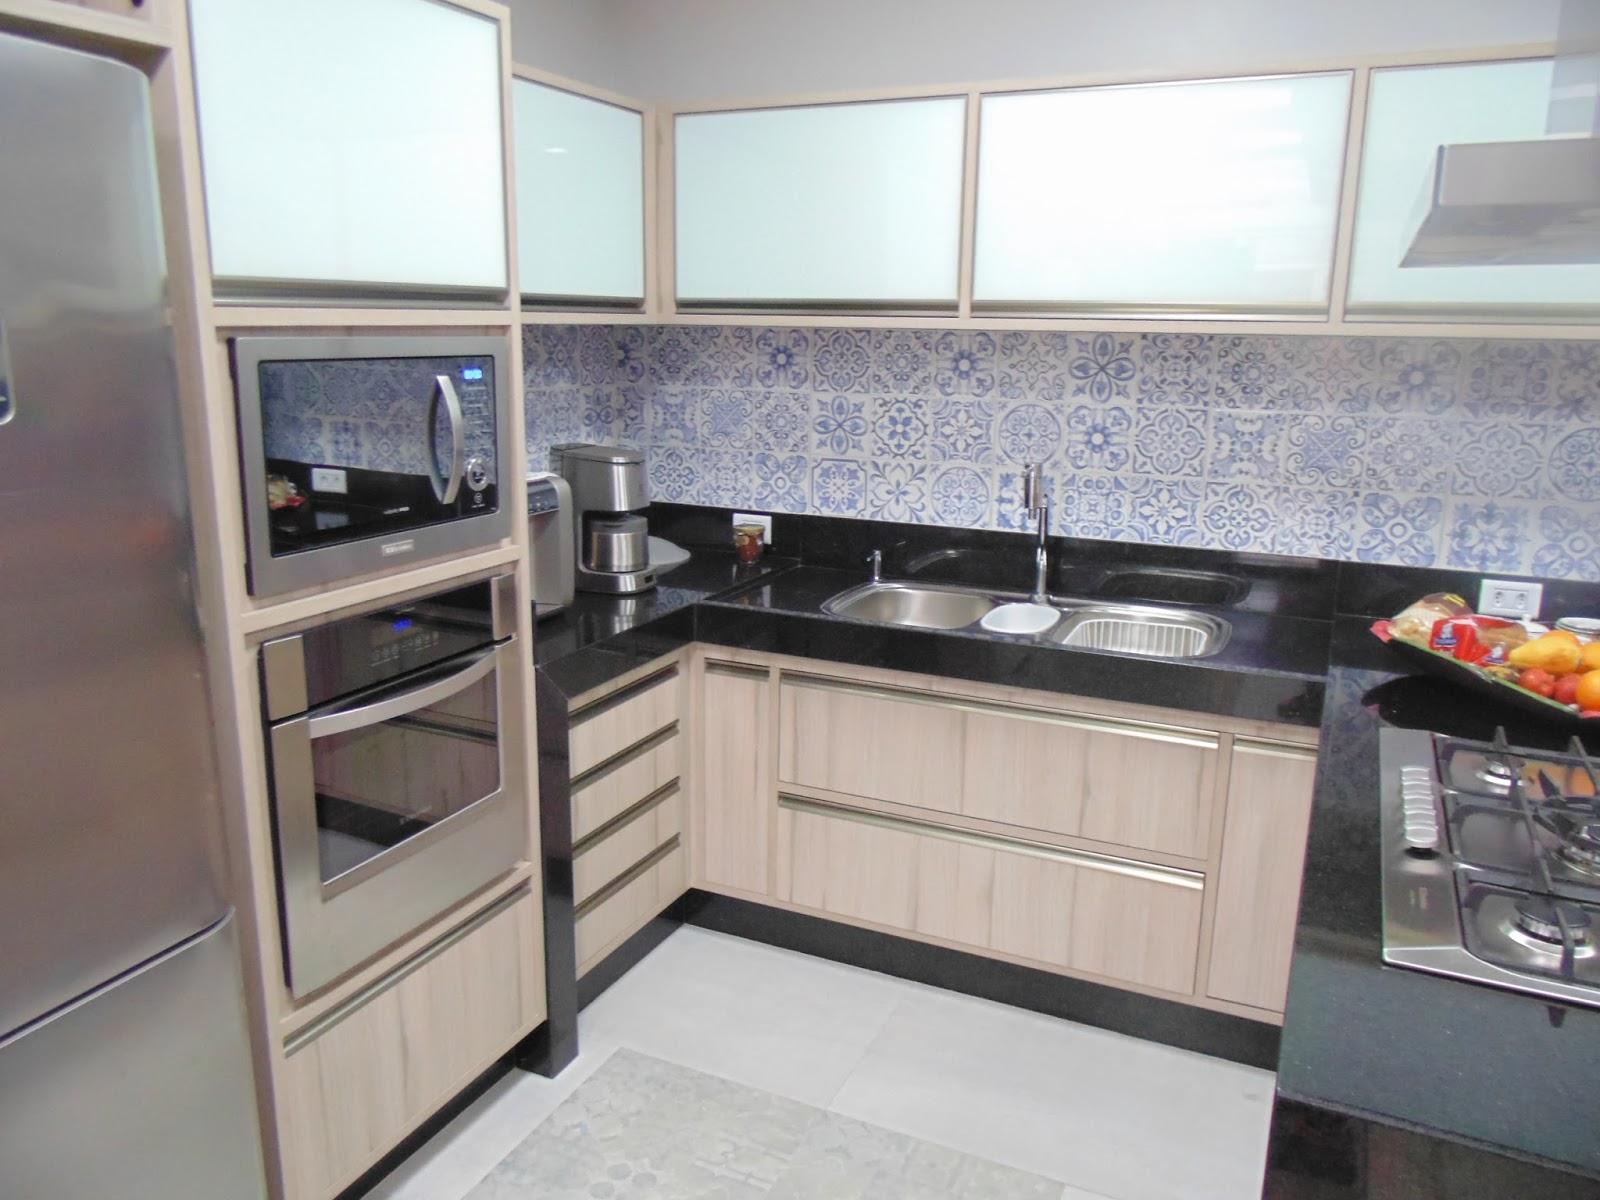 MM Móveis Planejados: FOTOS Cozinha em MDF #776554 1600 1200